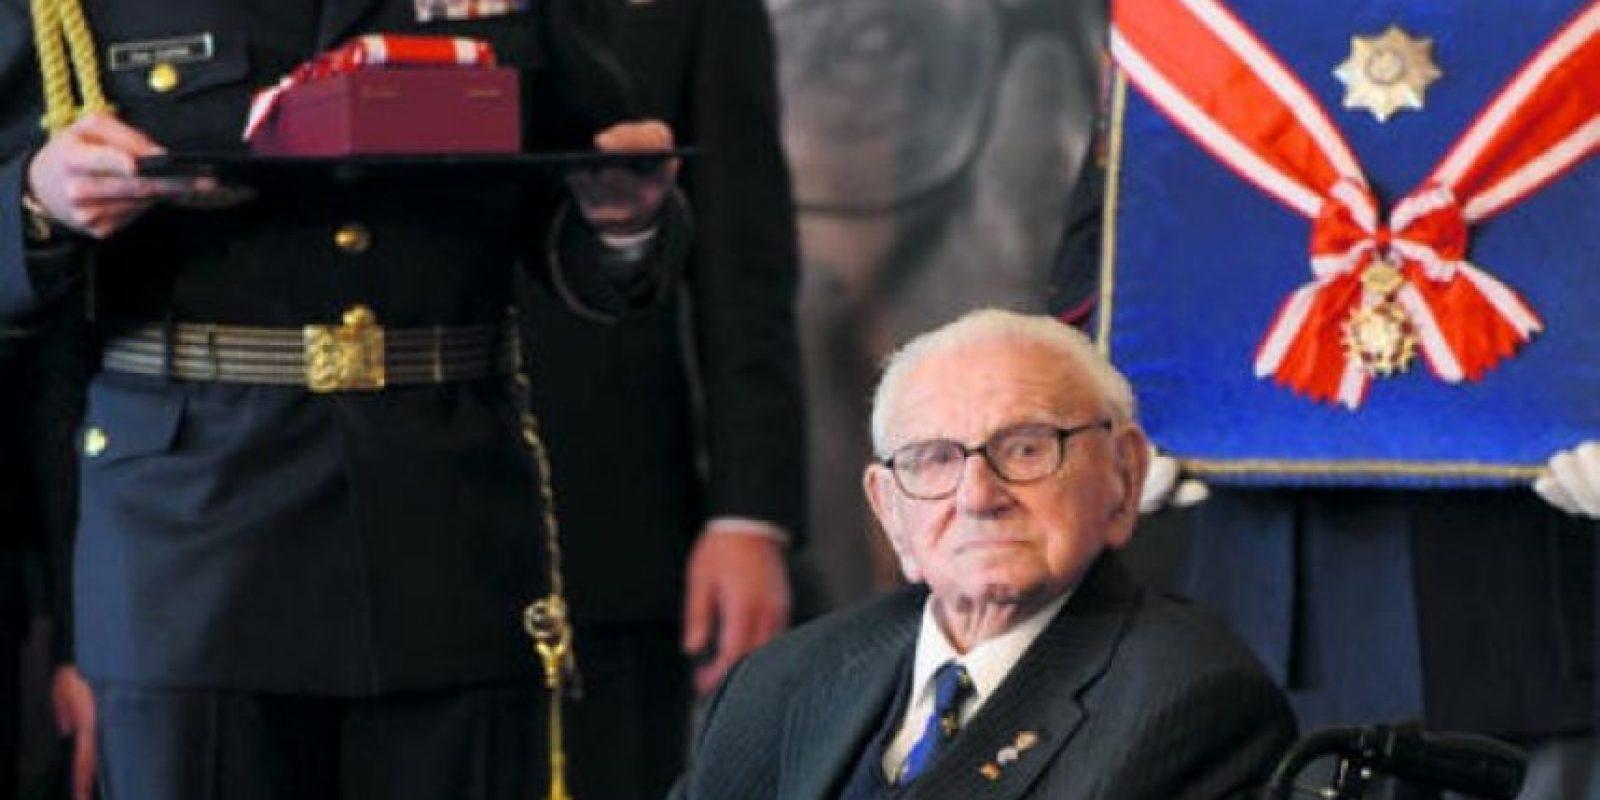 Sentado en silla de ruedas, el británico Nicholas Winton, de 105 años, que salvó a 699 niños de una muerte segura en los campos nazis, fue honrado ayer en Praga, República Checa, con la Orden del León Blanco.